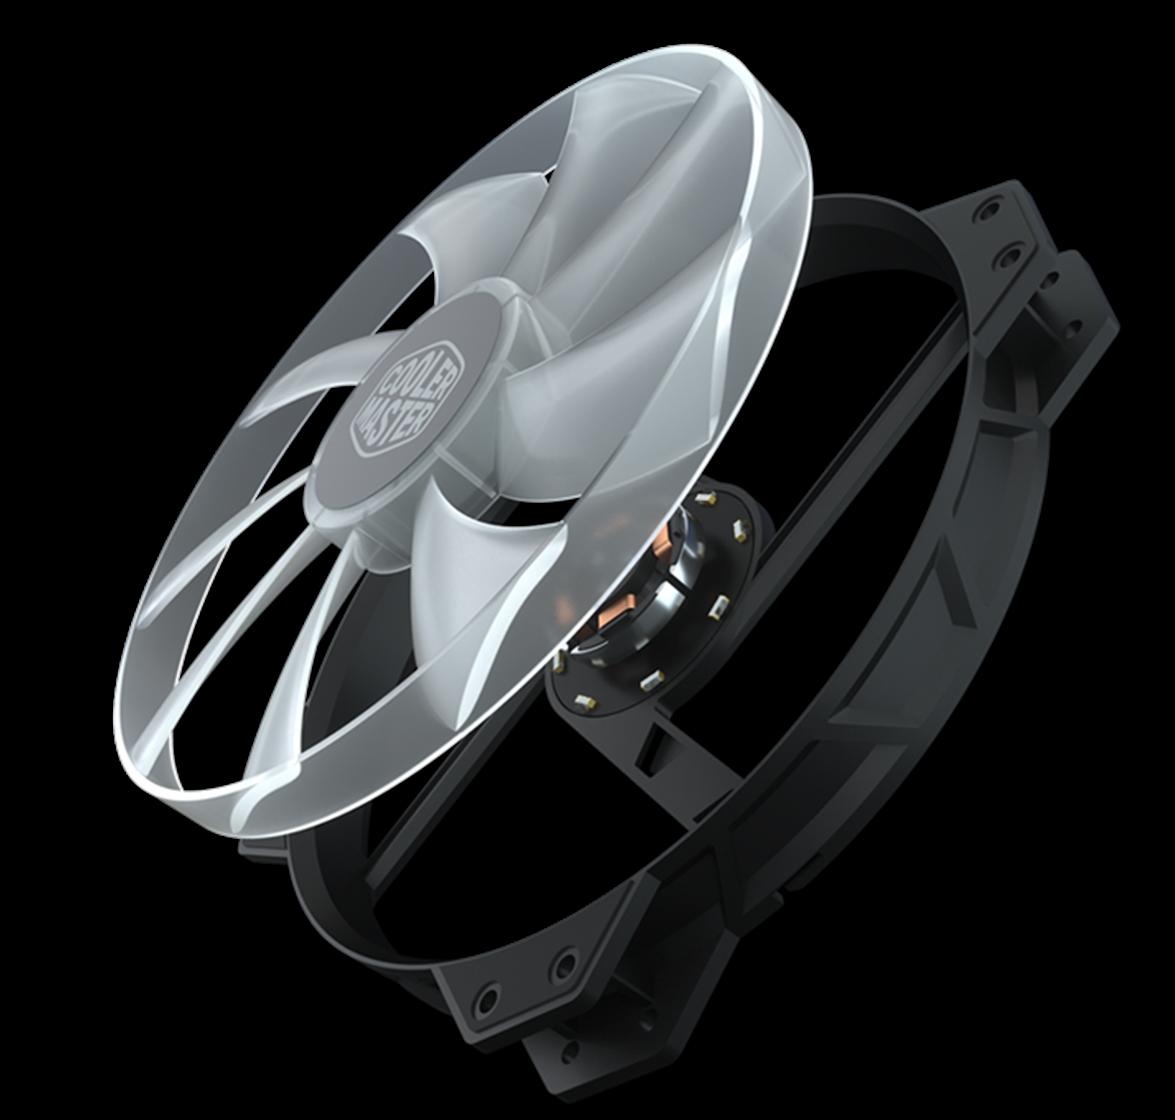 200mm Hybrid Design Fan